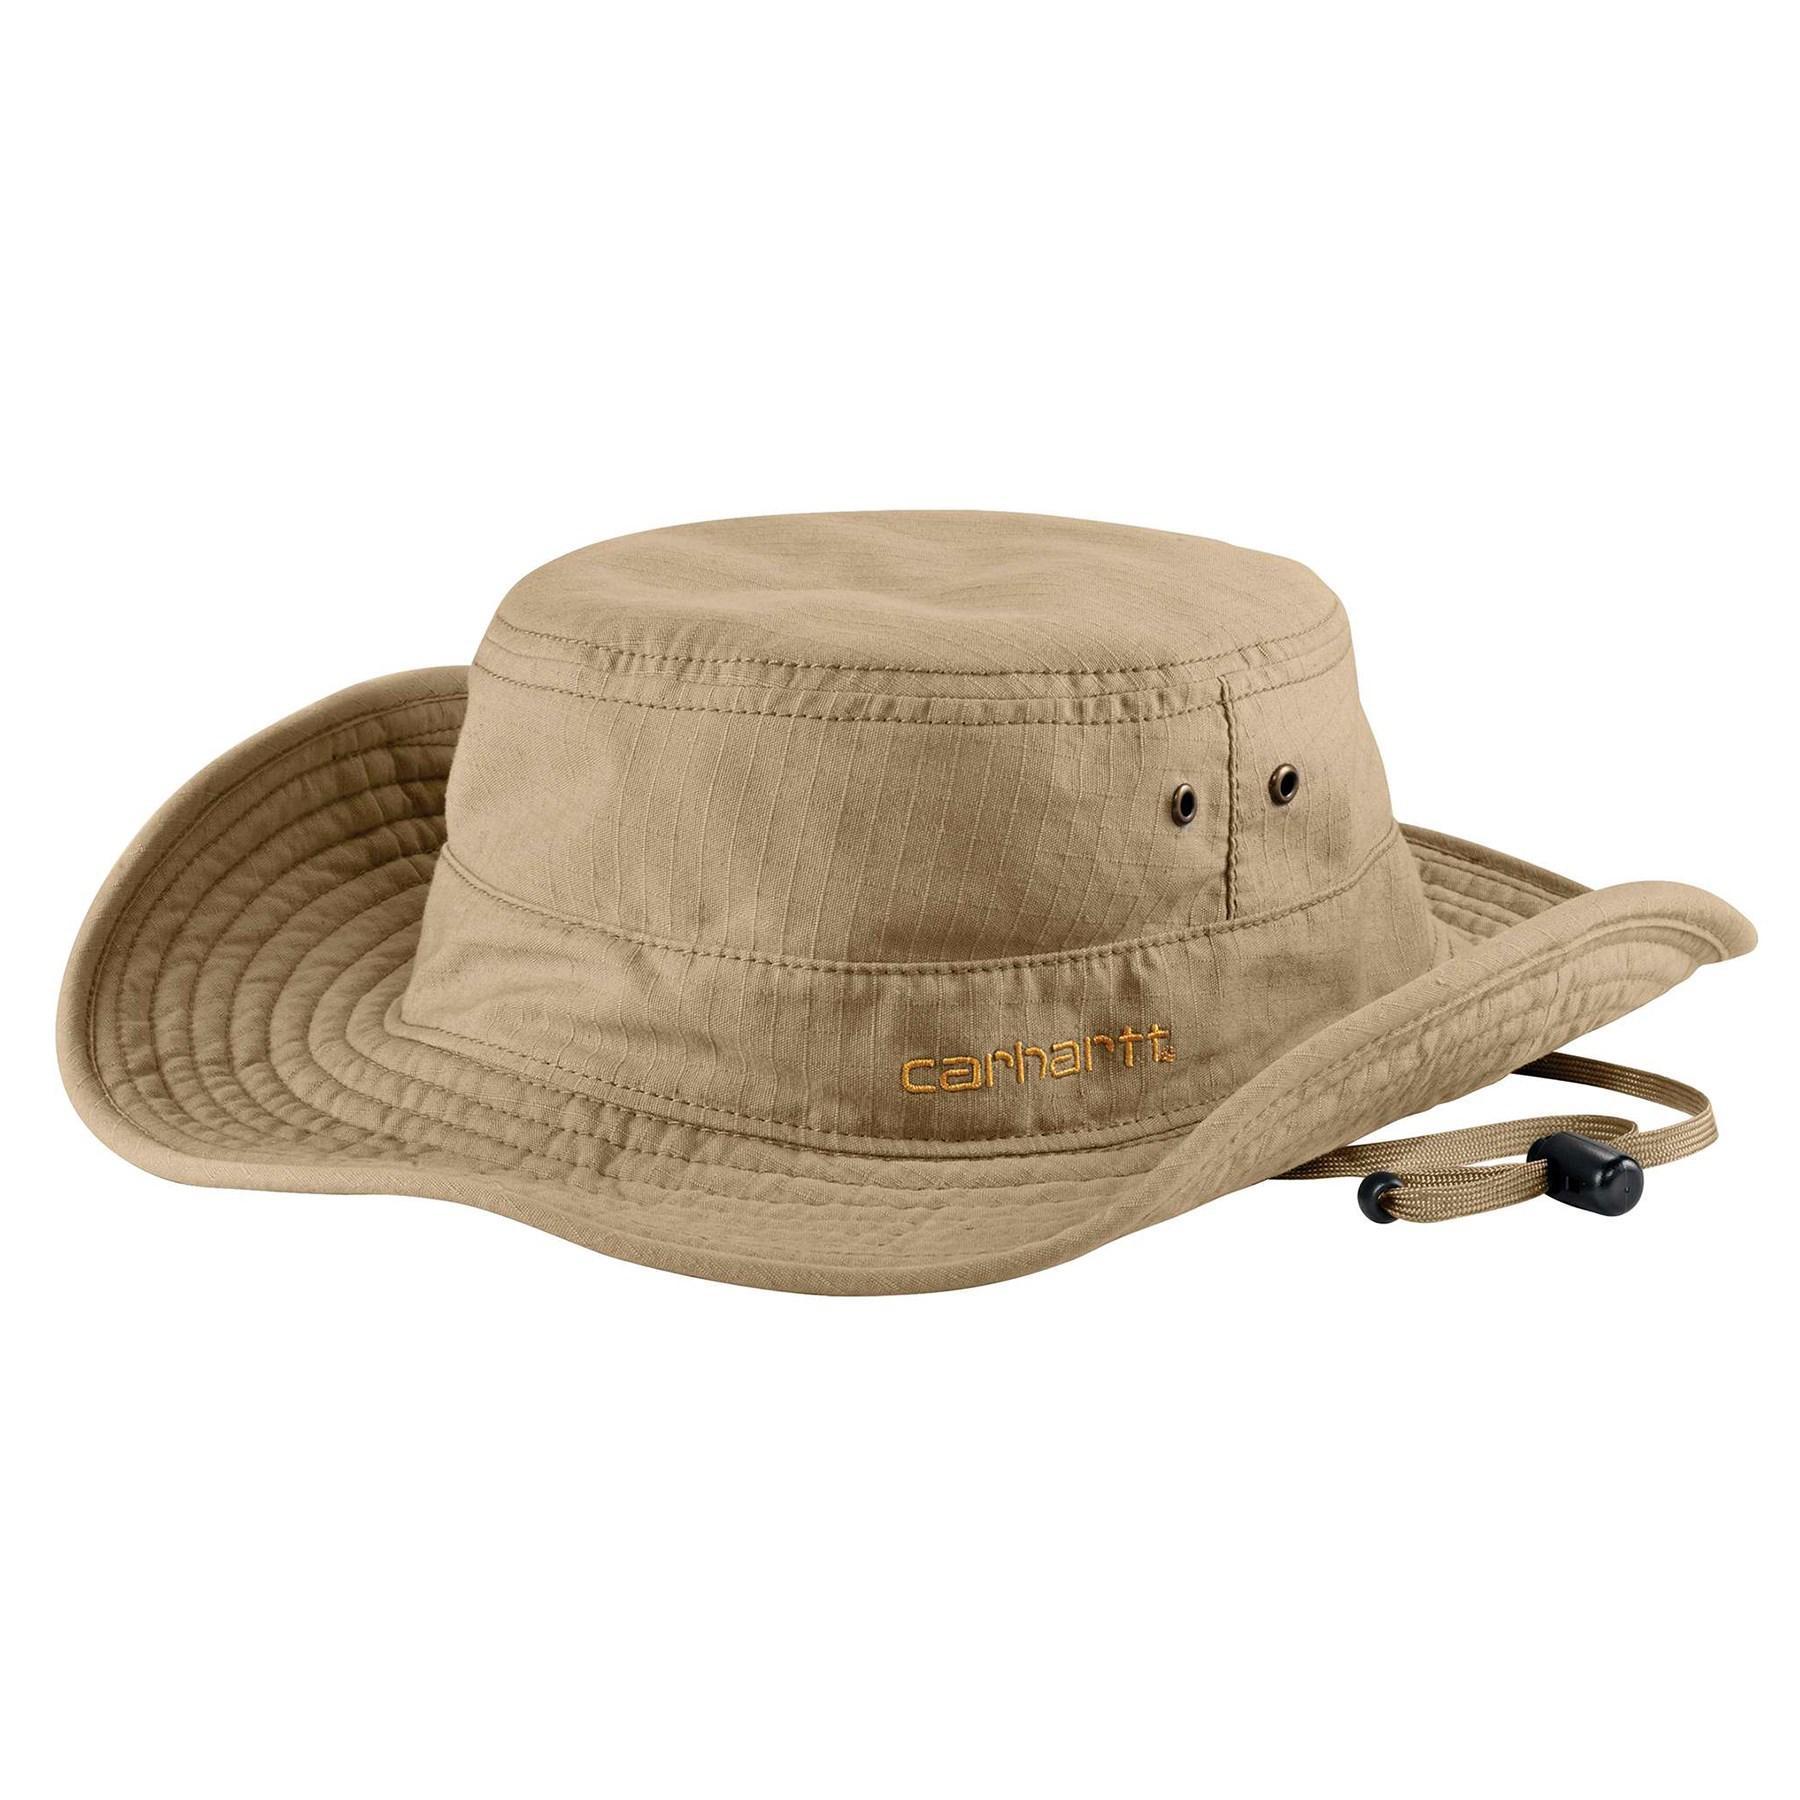 Lyst - Carhartt Billings Brimmed Safari Hat (for Men) in Natural for Men d38d17866b0